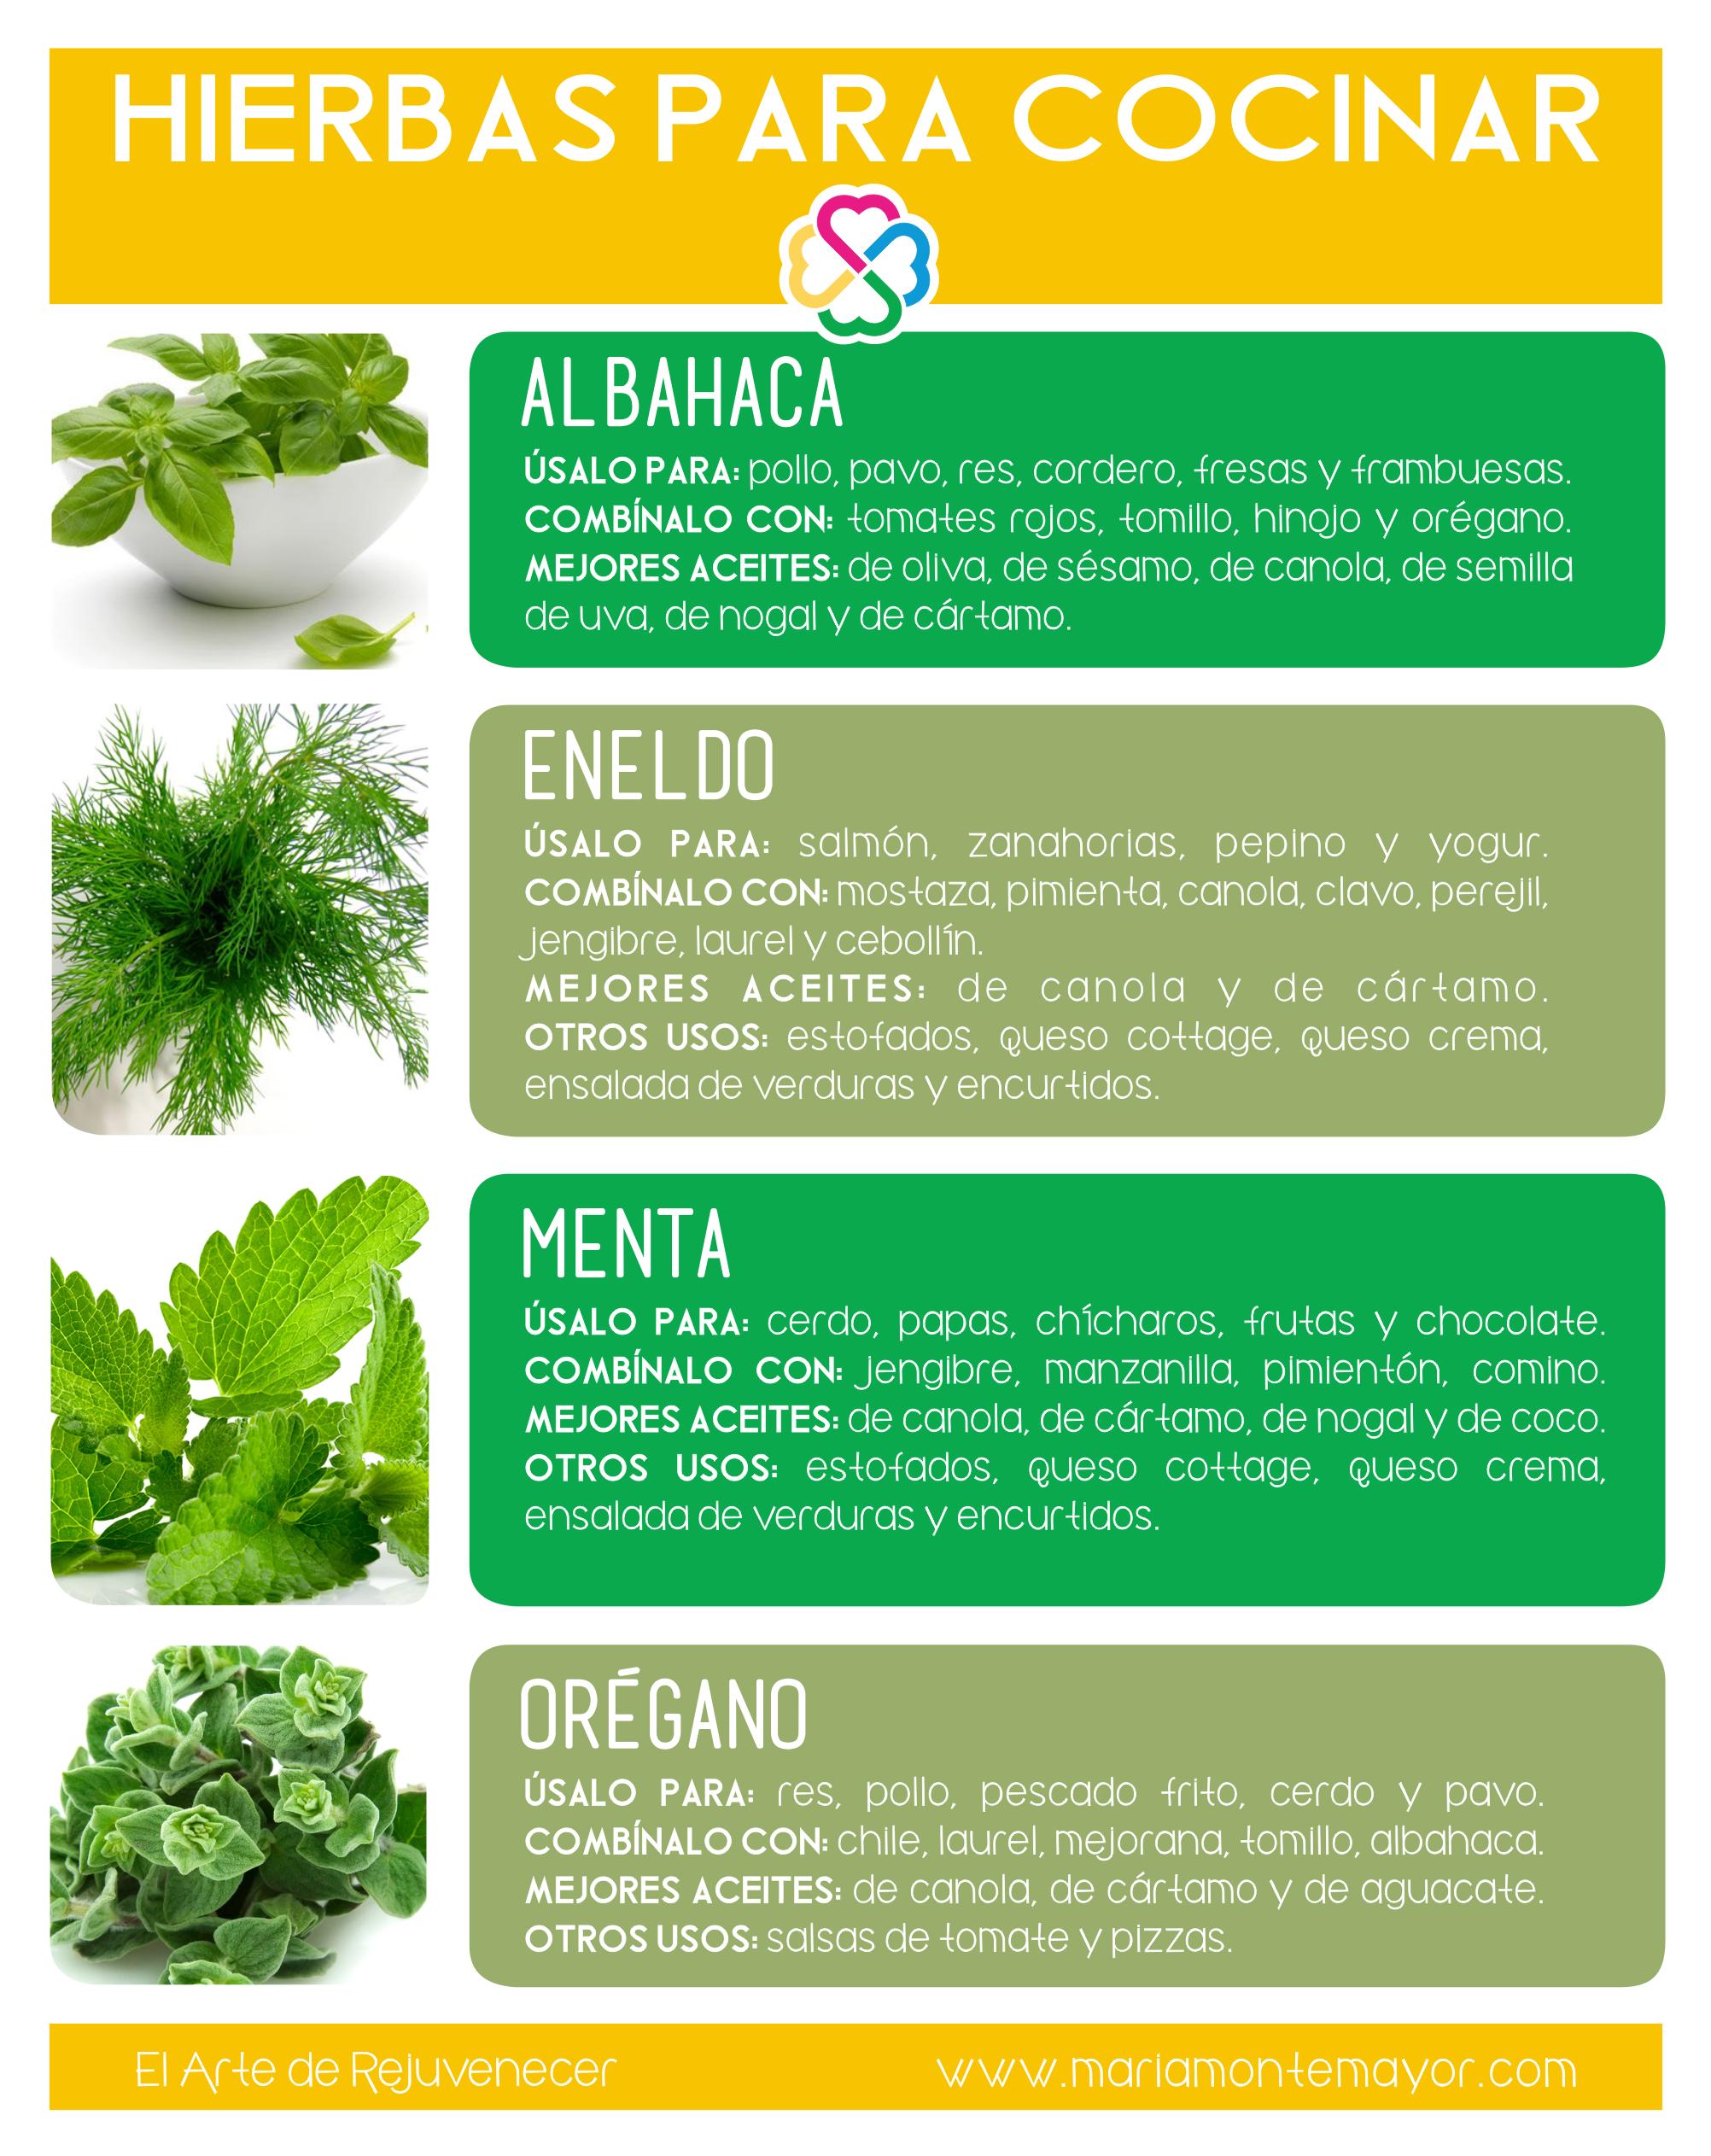 Añade estas deliciosas hierbas aromáticas al momento de cocinar y ...